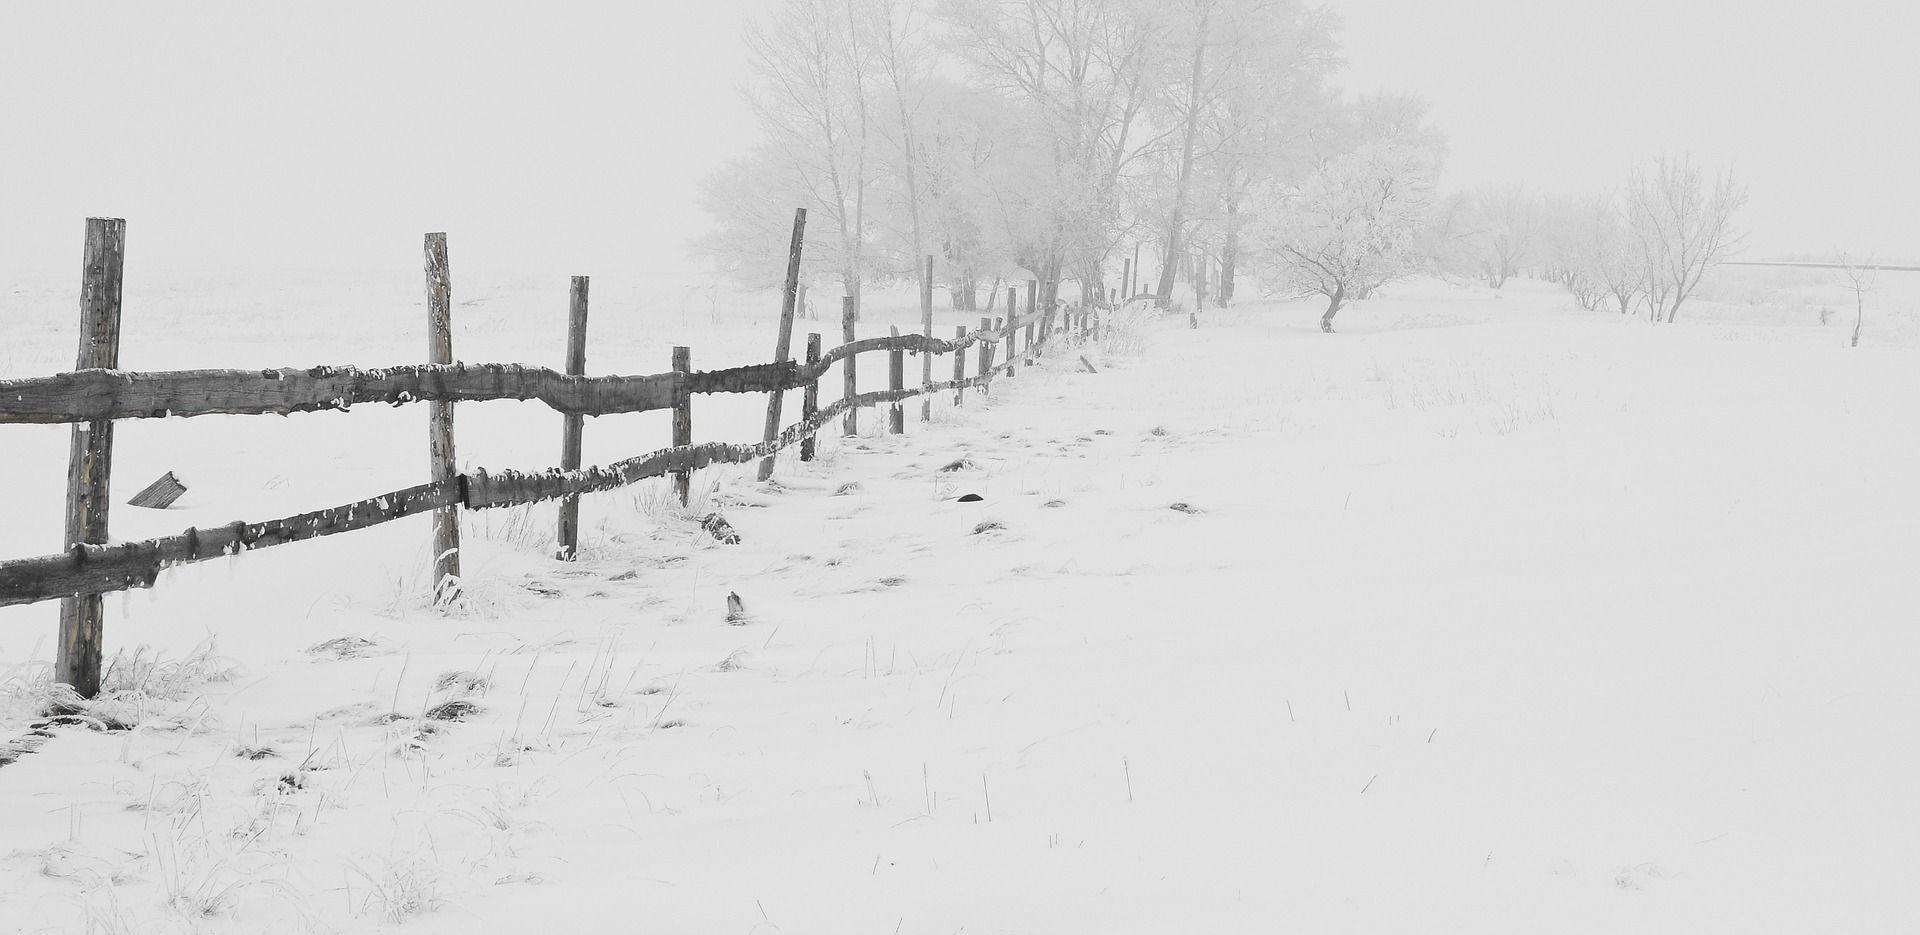 Uglavnom oblačno i hladno, ponegdje će biti snijega